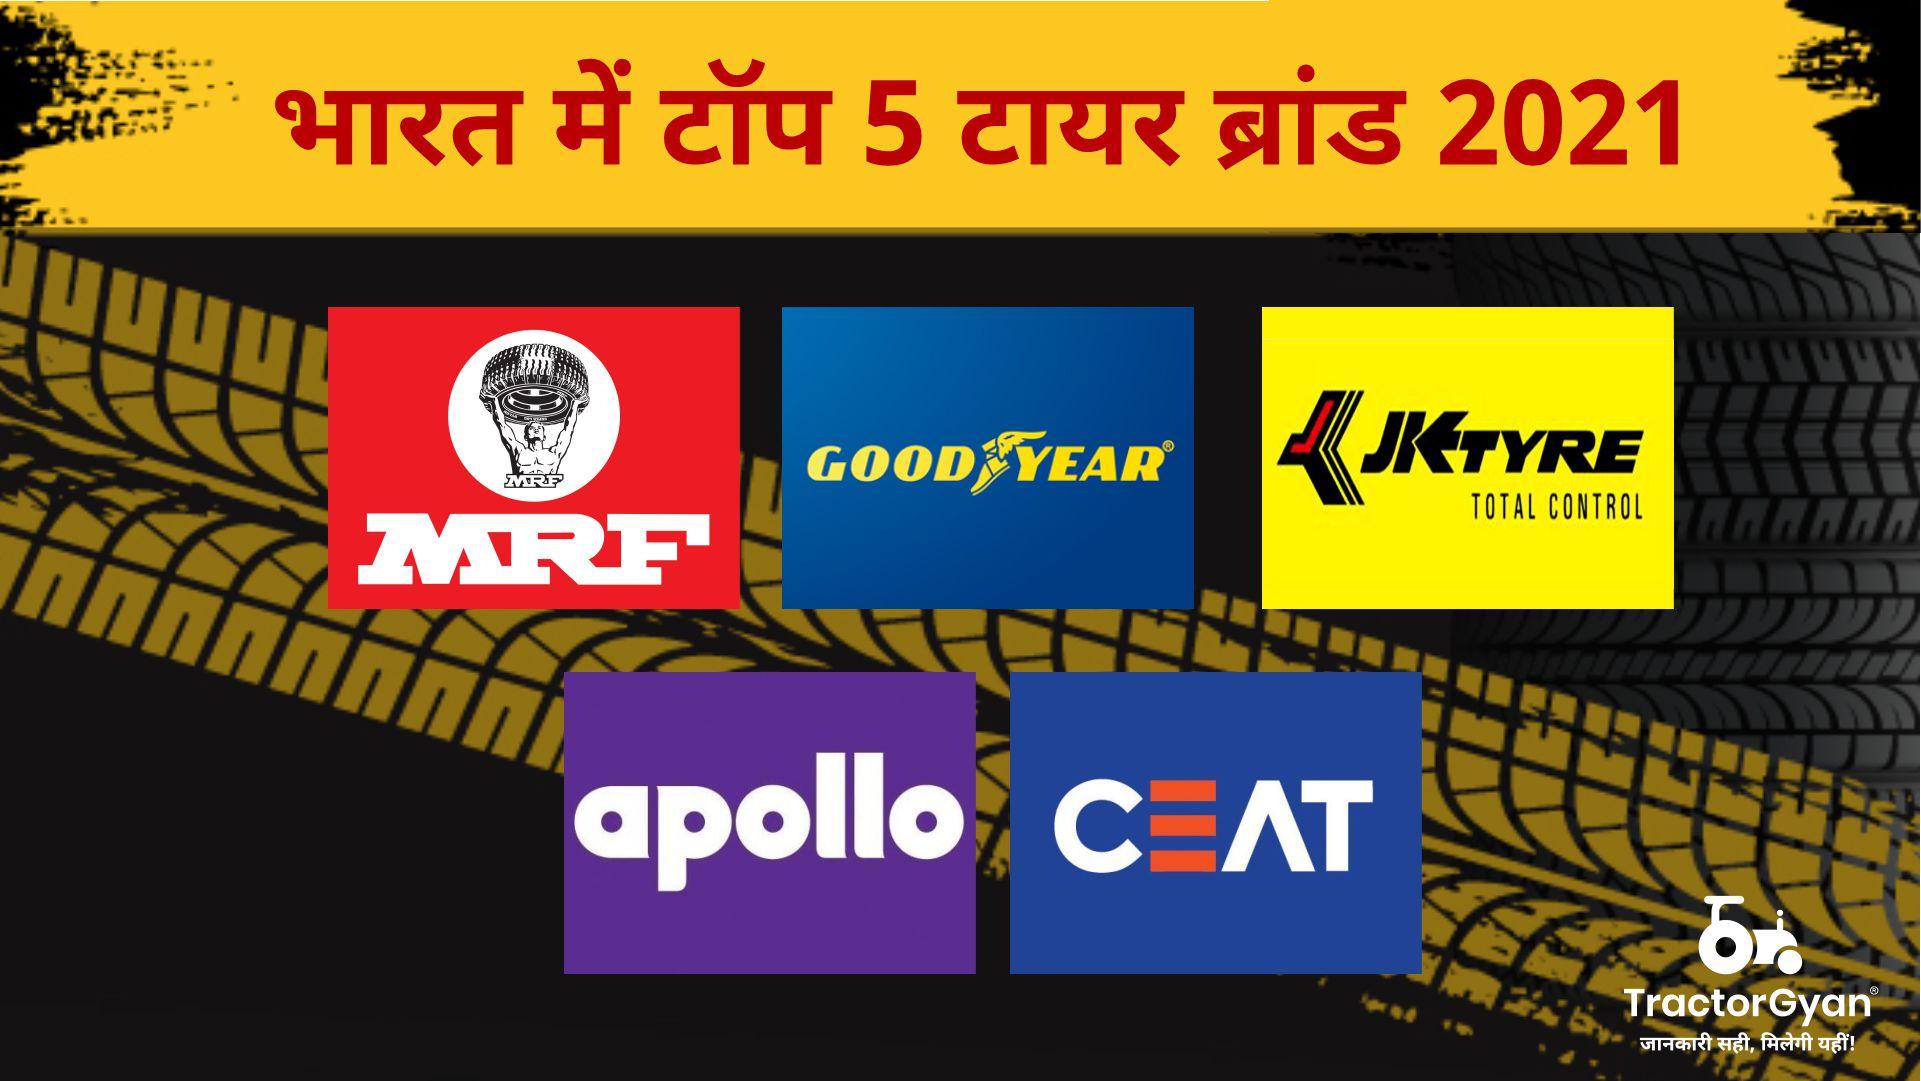 भारत में टॉप 5 टायर ब्रांड 2021